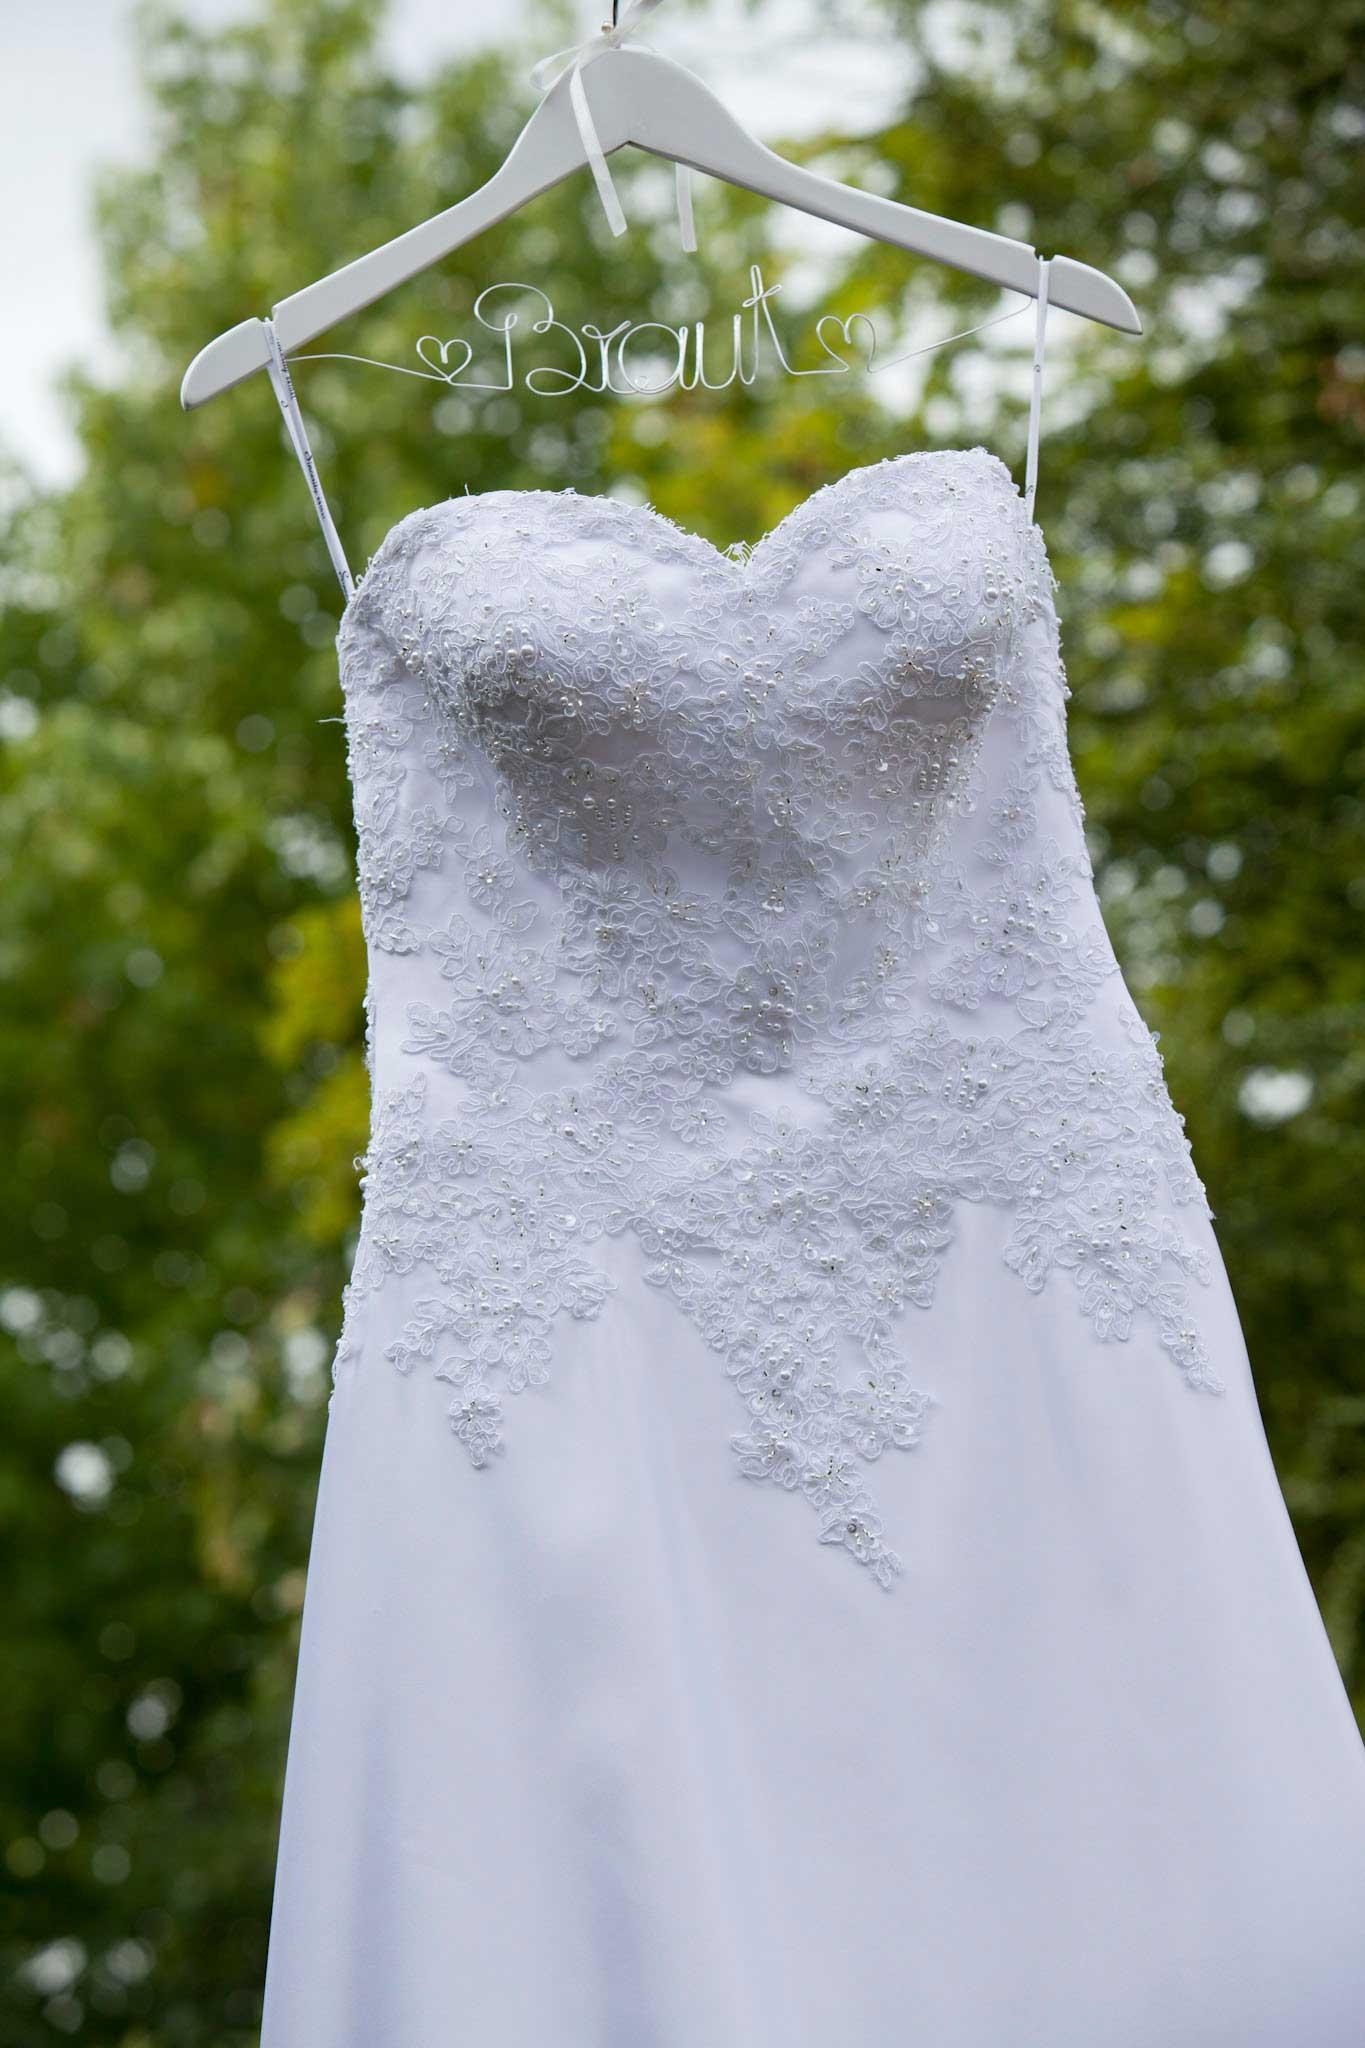 Ein weißes Brautkleid hängt an einem weißen Kleiderbügel. Der Kleiderbügel ist verziert mit einem silbernen Draht aus dem das Wort Braut geformt ist. Im Hintergrund sieht man grüne Bäume in der Unschärfe.